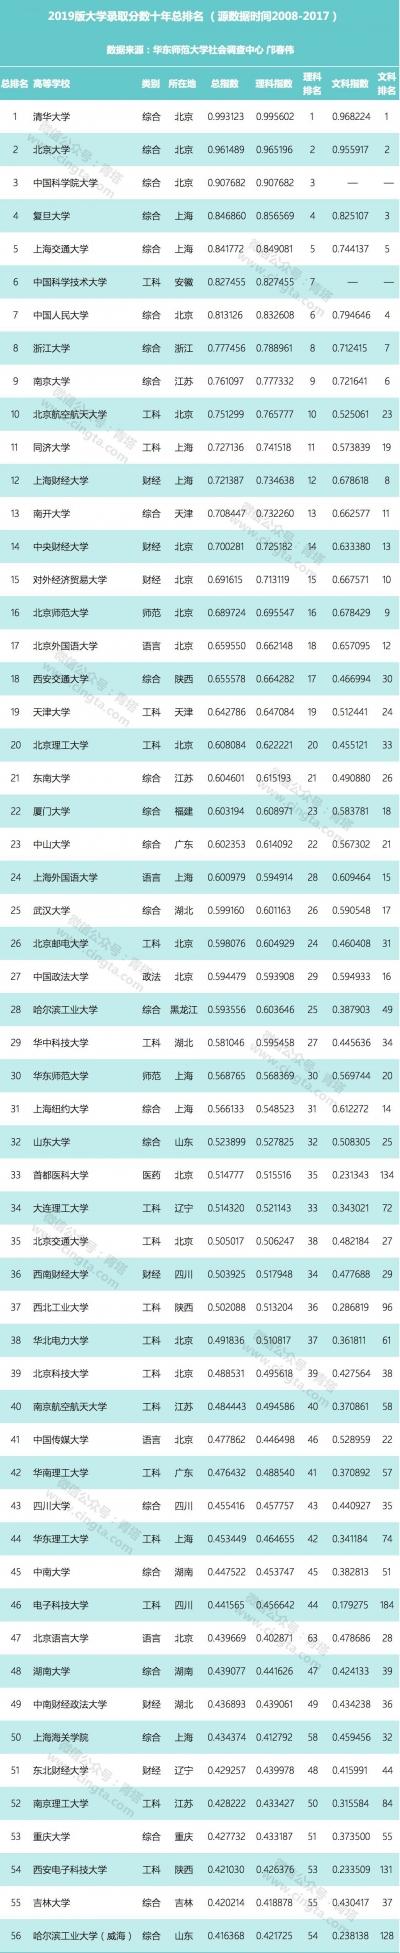 重磅!2019版中國大學錄取分數排行榜出爐